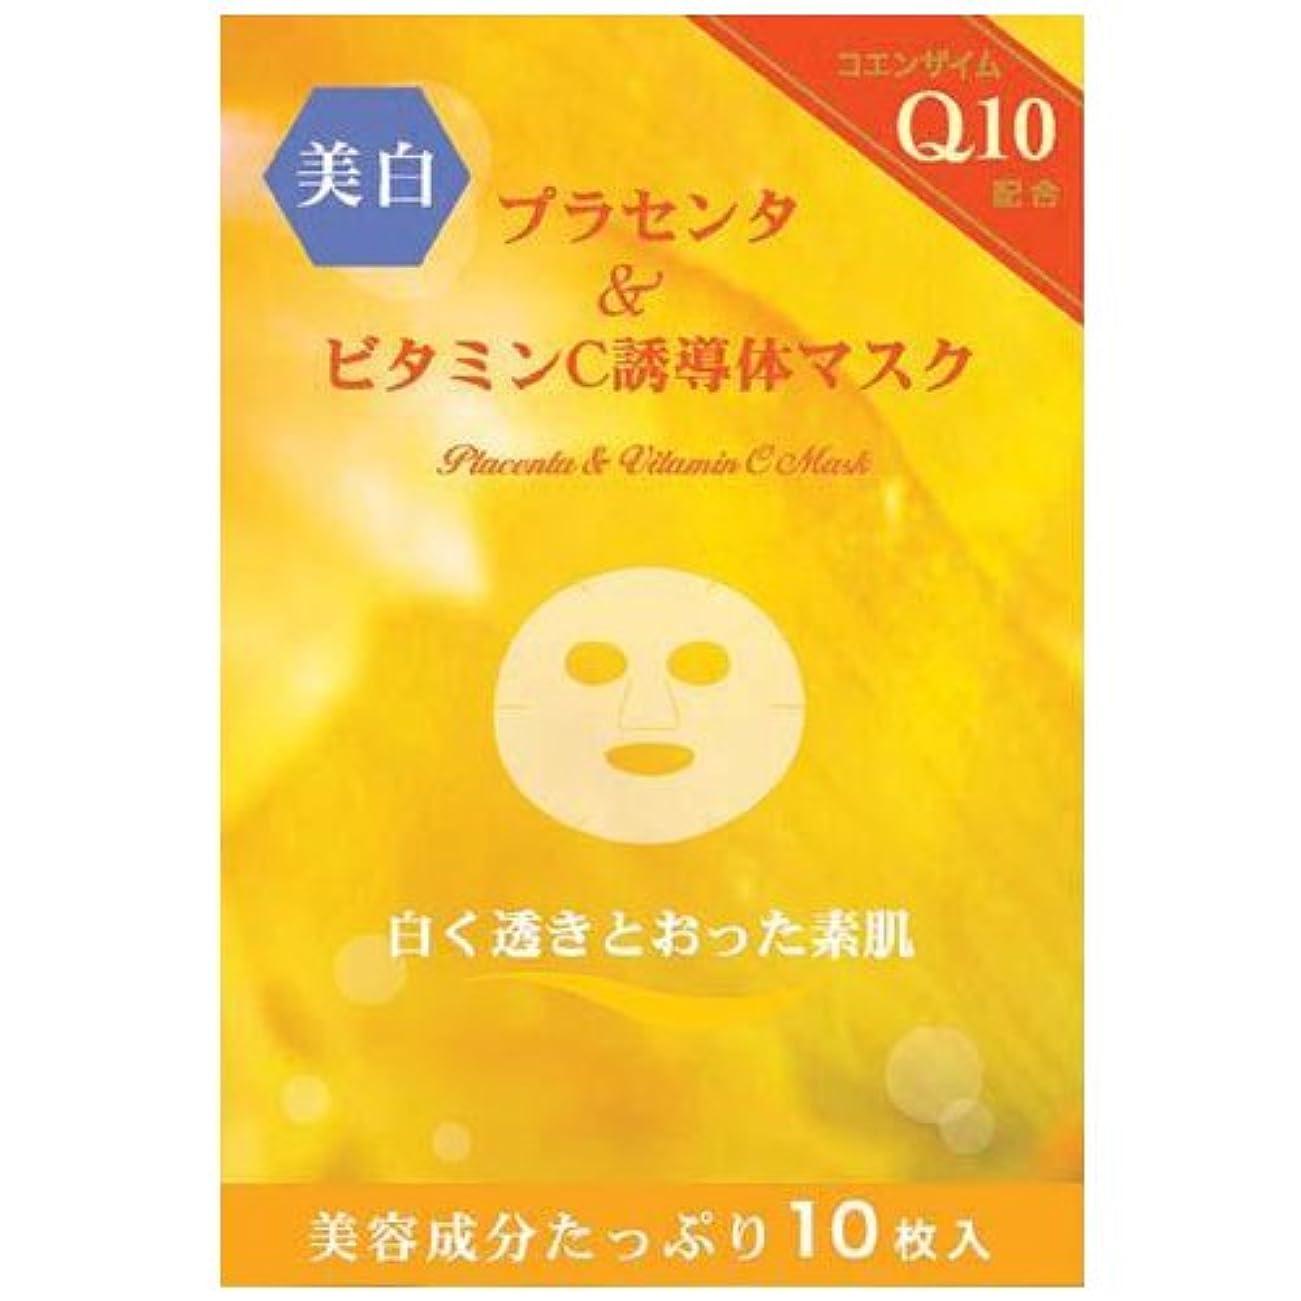 退化する弾力性のある課税プラセンタ&ビタミンC誘導体マスク